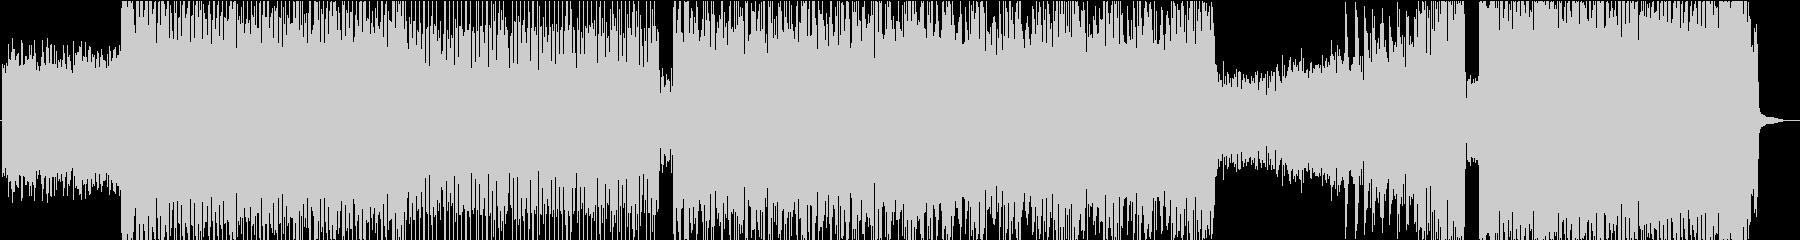 ひたすら激しいメタルロック Aの未再生の波形